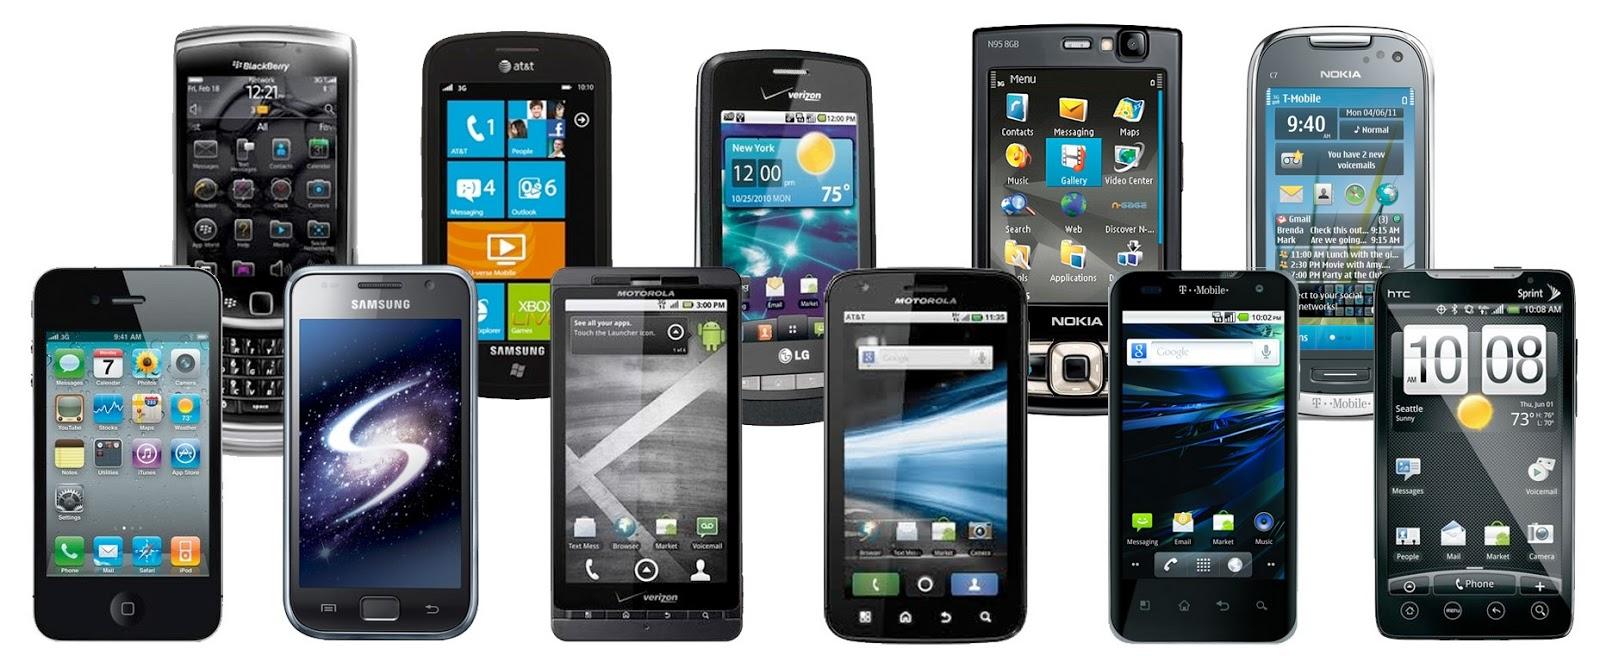 Setelah anda melihat dan membaca tentang Gambar smartphone Terbaru dan ...